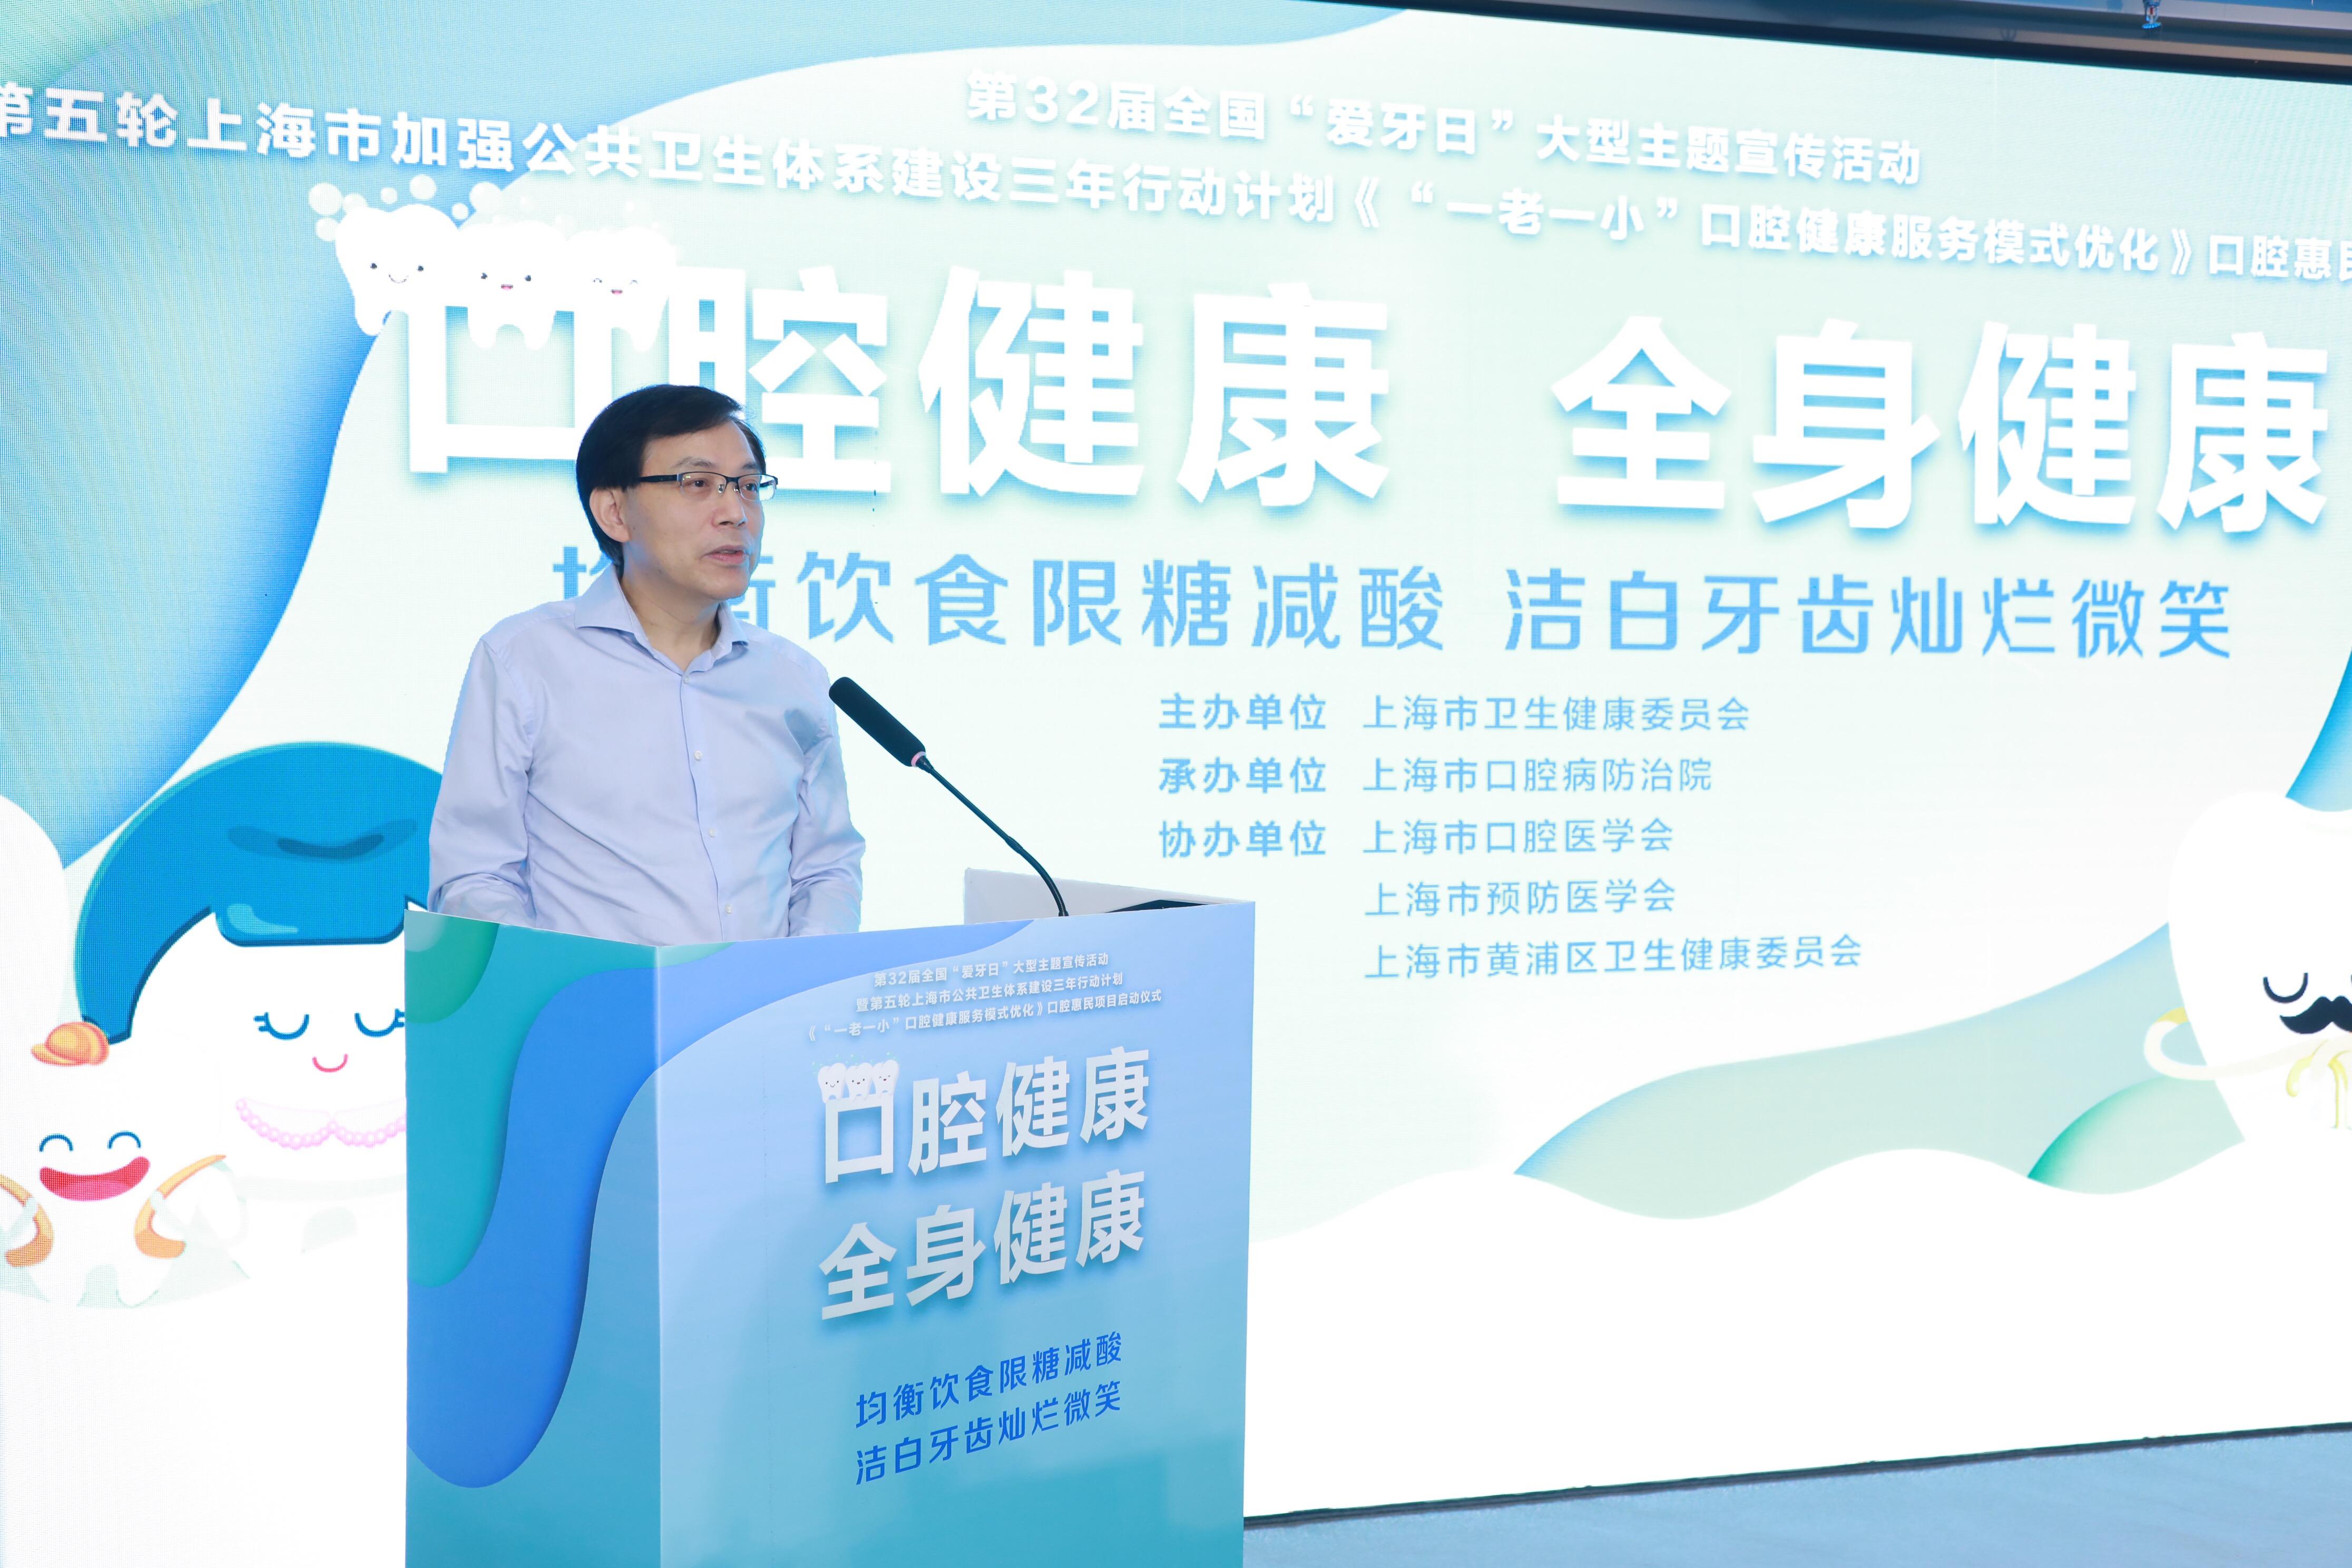 上海3岁儿童龋齿率达47.2%,逾九成中老年人牙周不健康